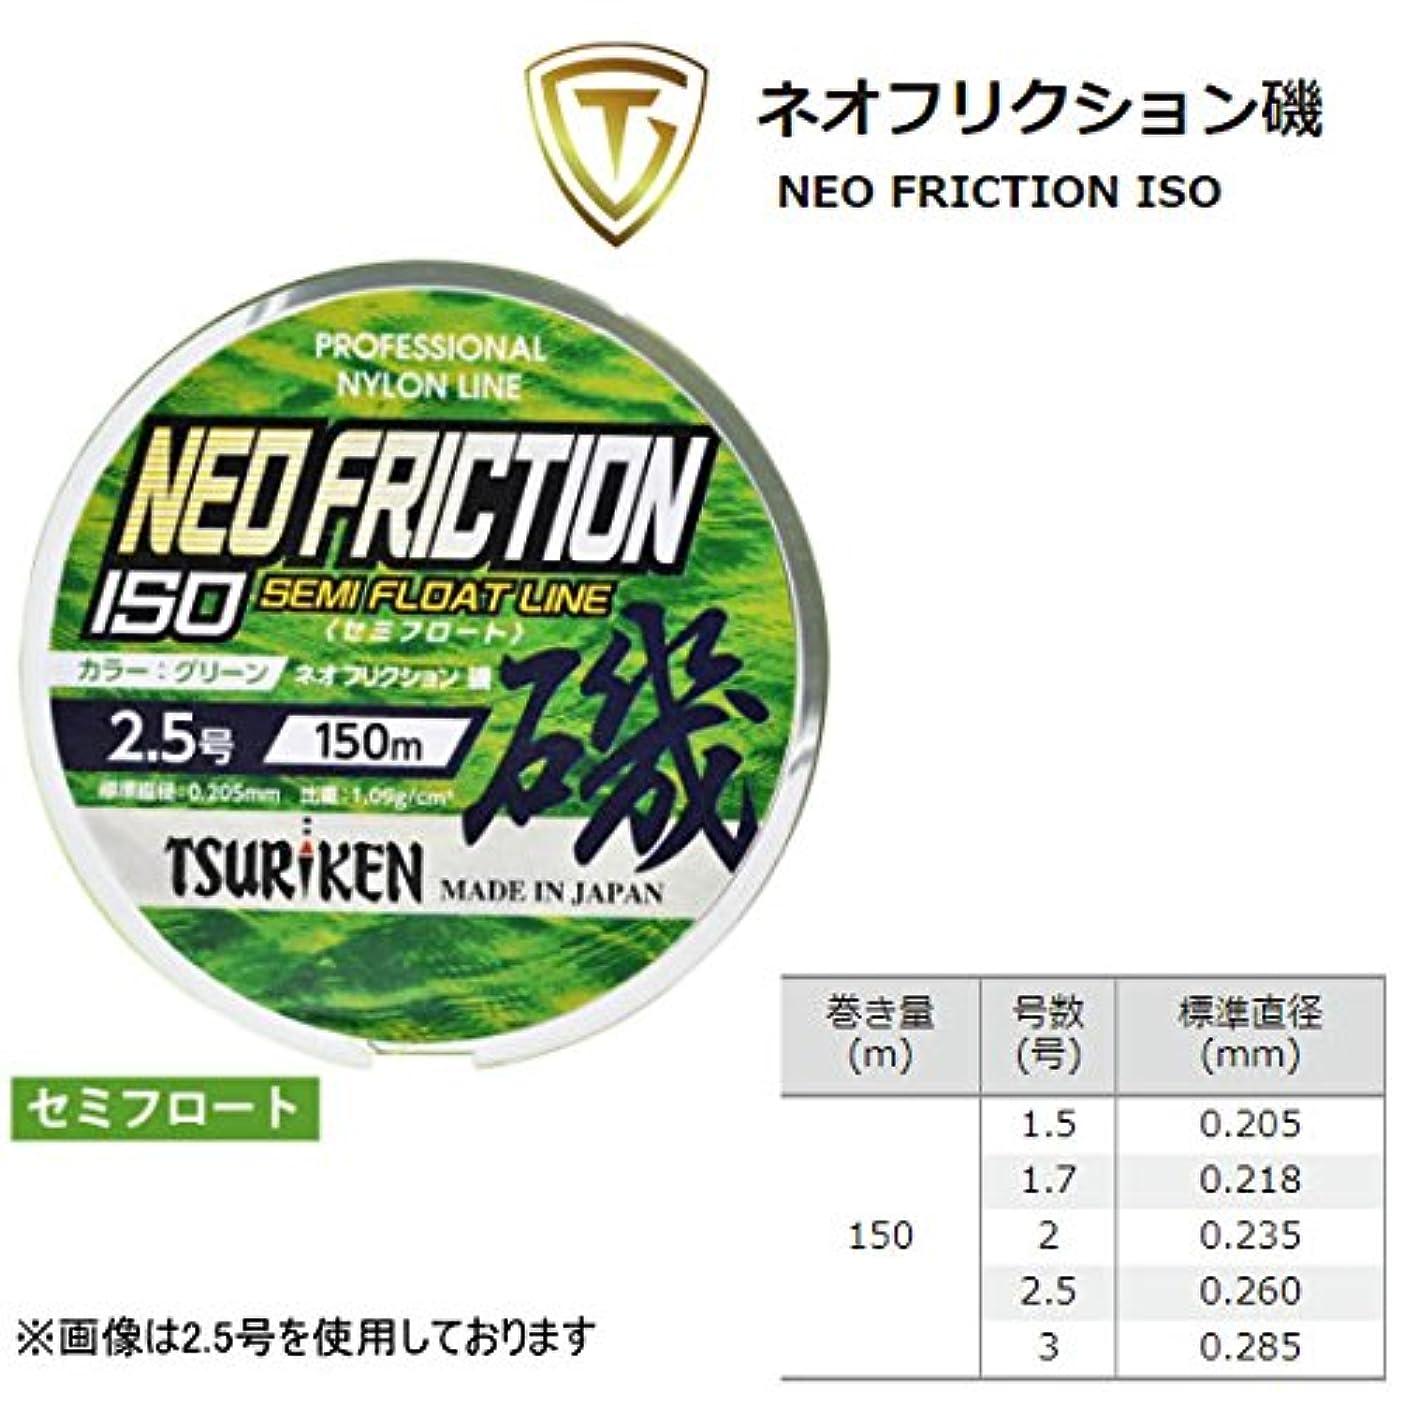 言い直すリベラルリズム釣研(TSURIKEN) ライン ネオフリクション磯 セミフロート 150m 1.5号 グリーン